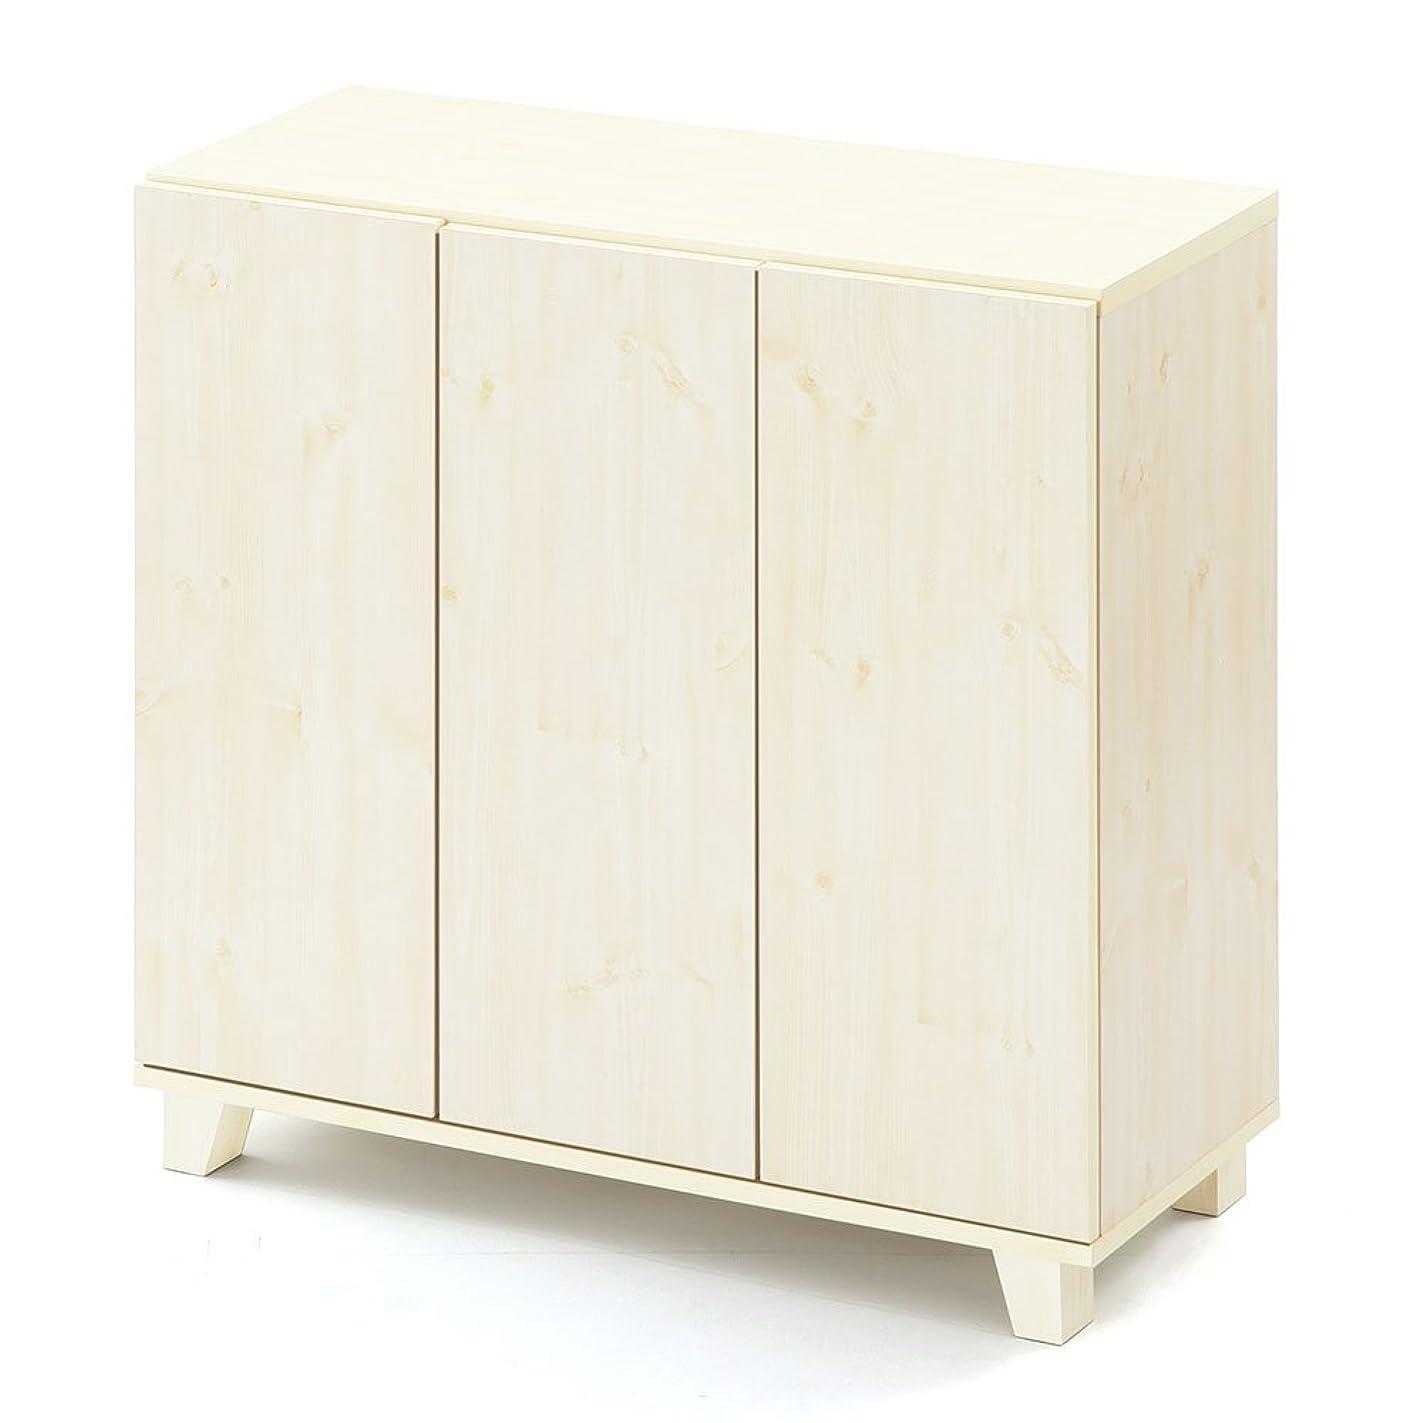 本失望ブルぼん家具 【完成品】 シューズボックス 幅90×高さ89.4×奥行37cm 靴箱 ホワイト